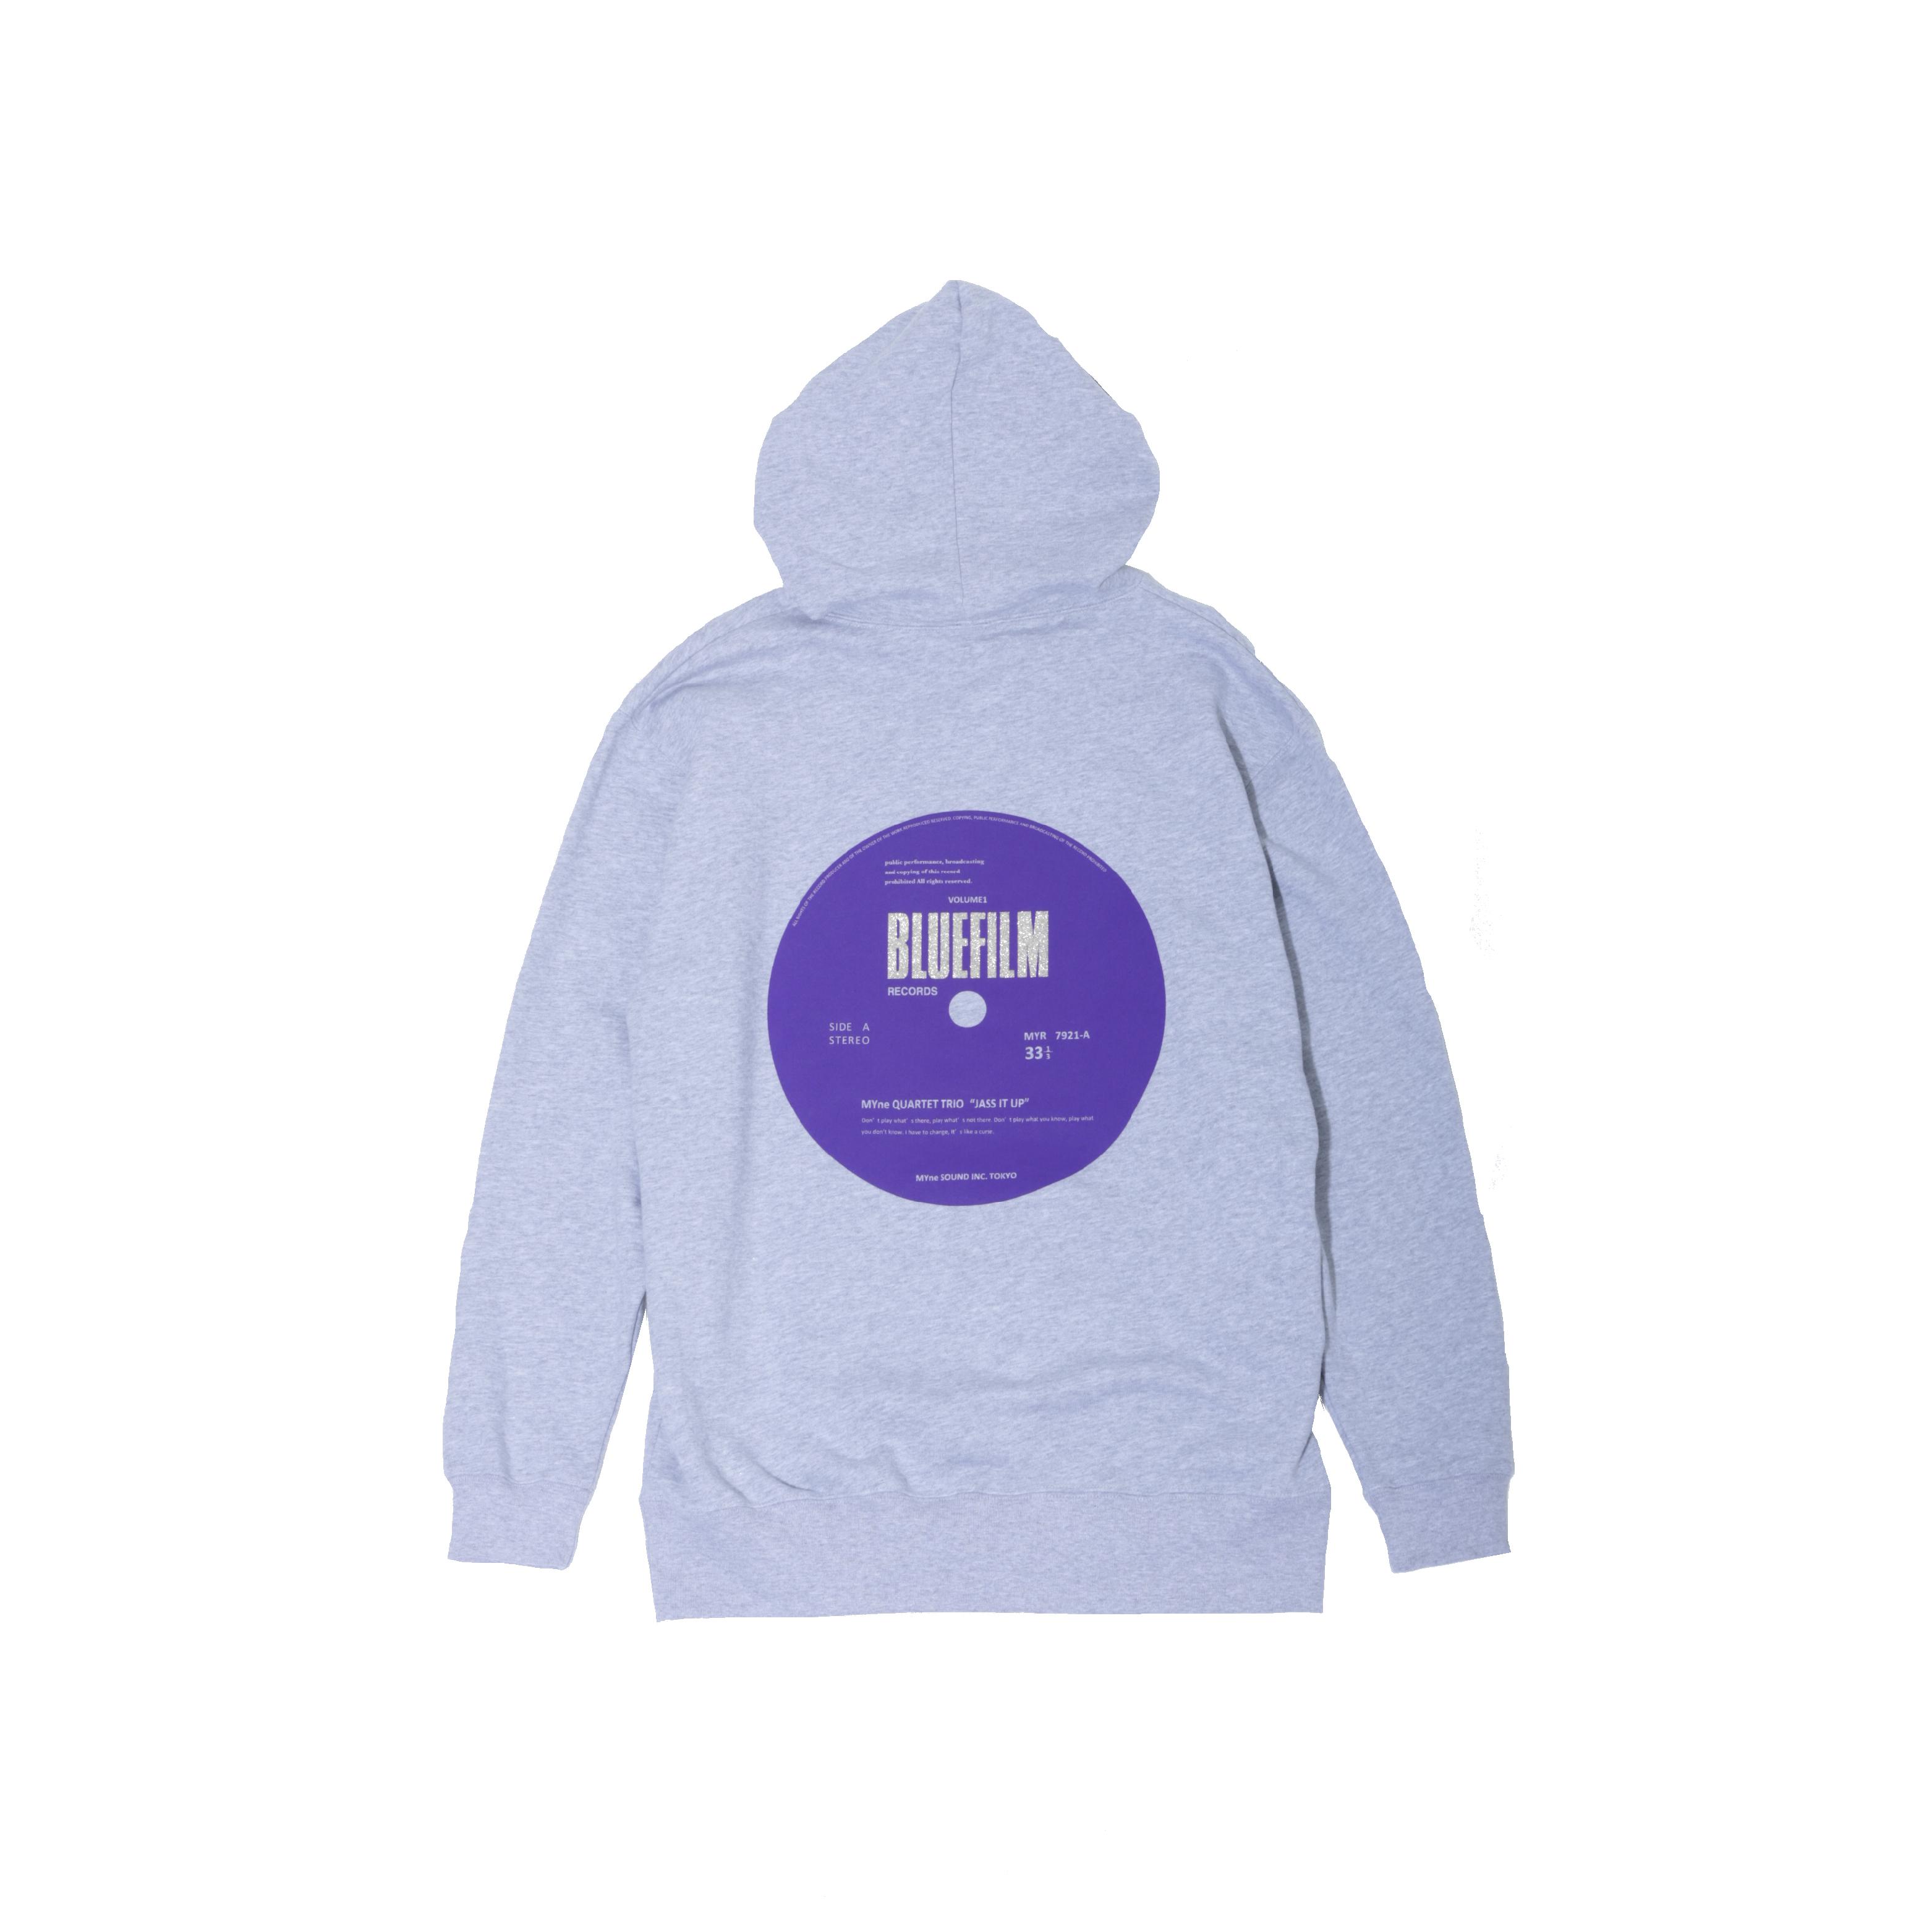 BLUE FILM hoodie - 画像4